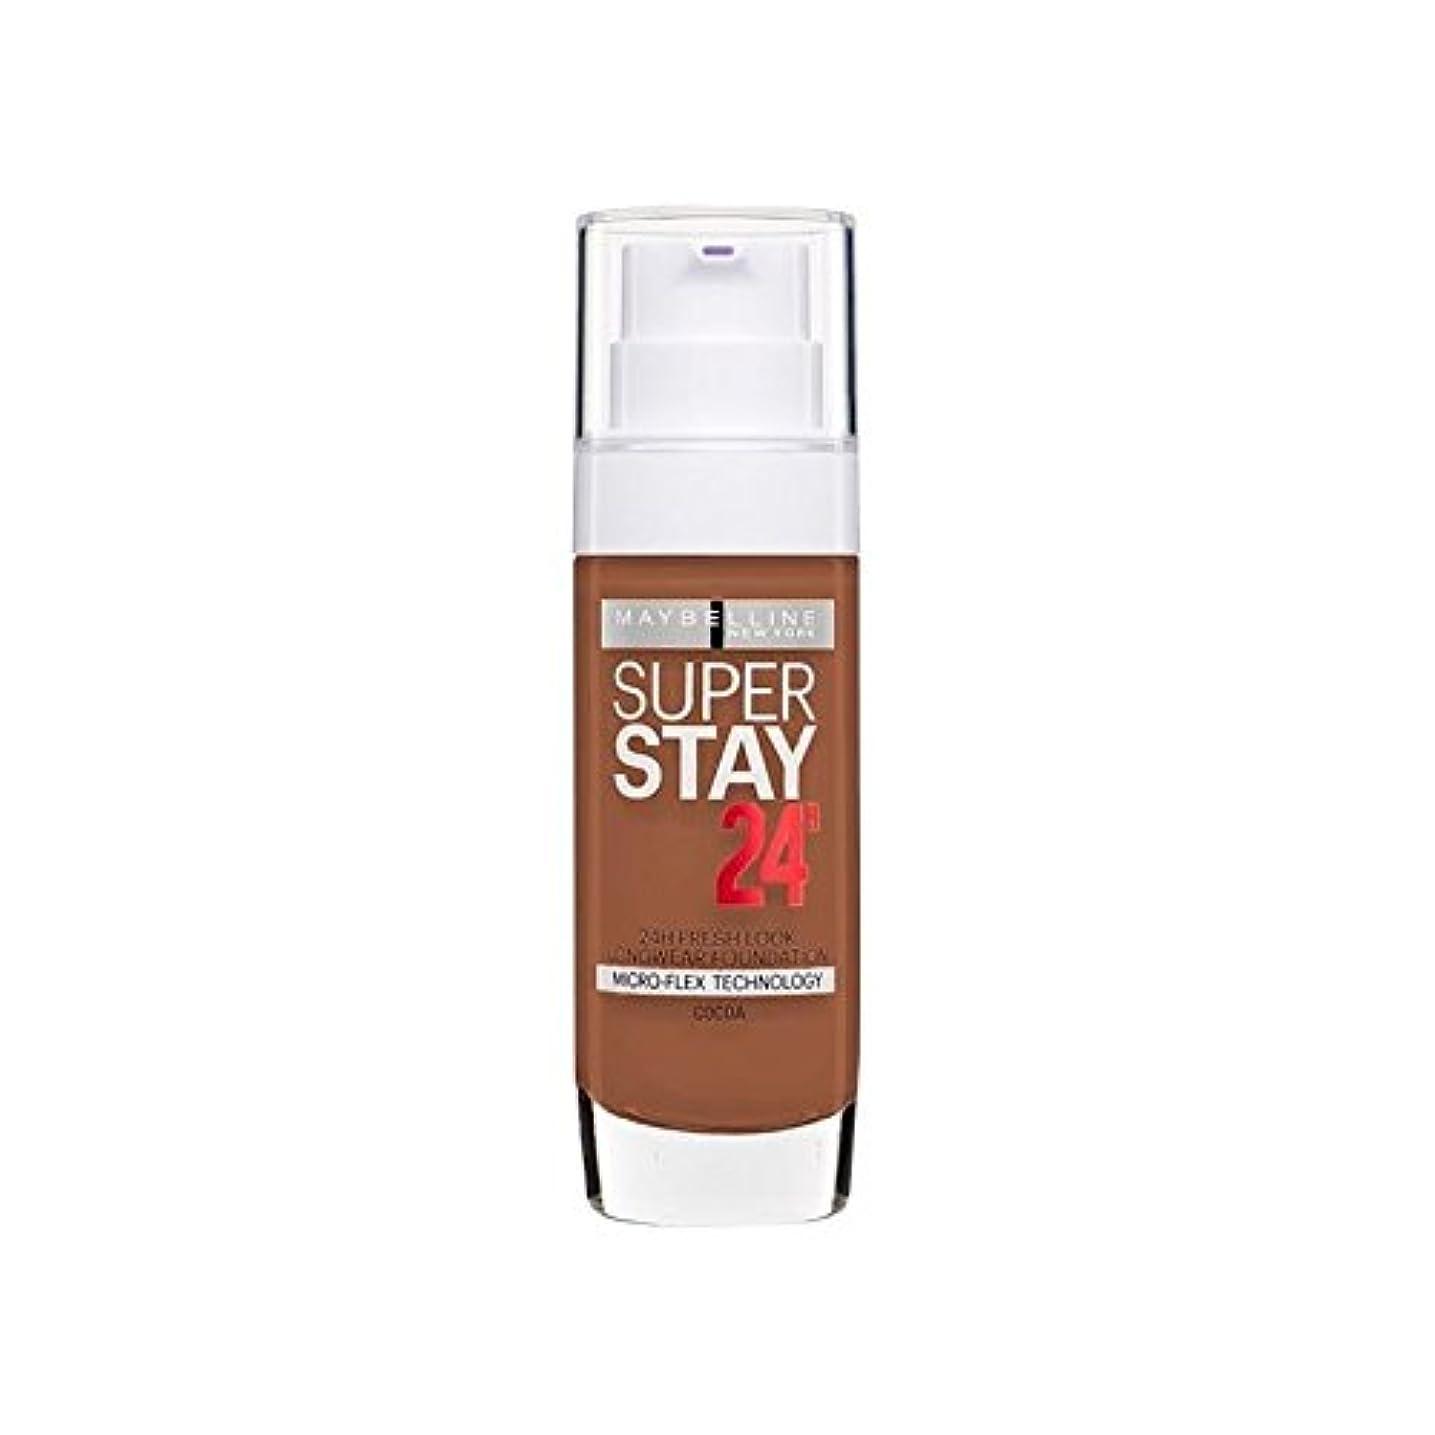 代理店眠っている扱いやすいMaybelline SuperStay 24h Liquid Foundation 70 Cocoa 30ml - メイベリン 24時間リキッドファンデーション70ココア30ミリリットル [並行輸入品]